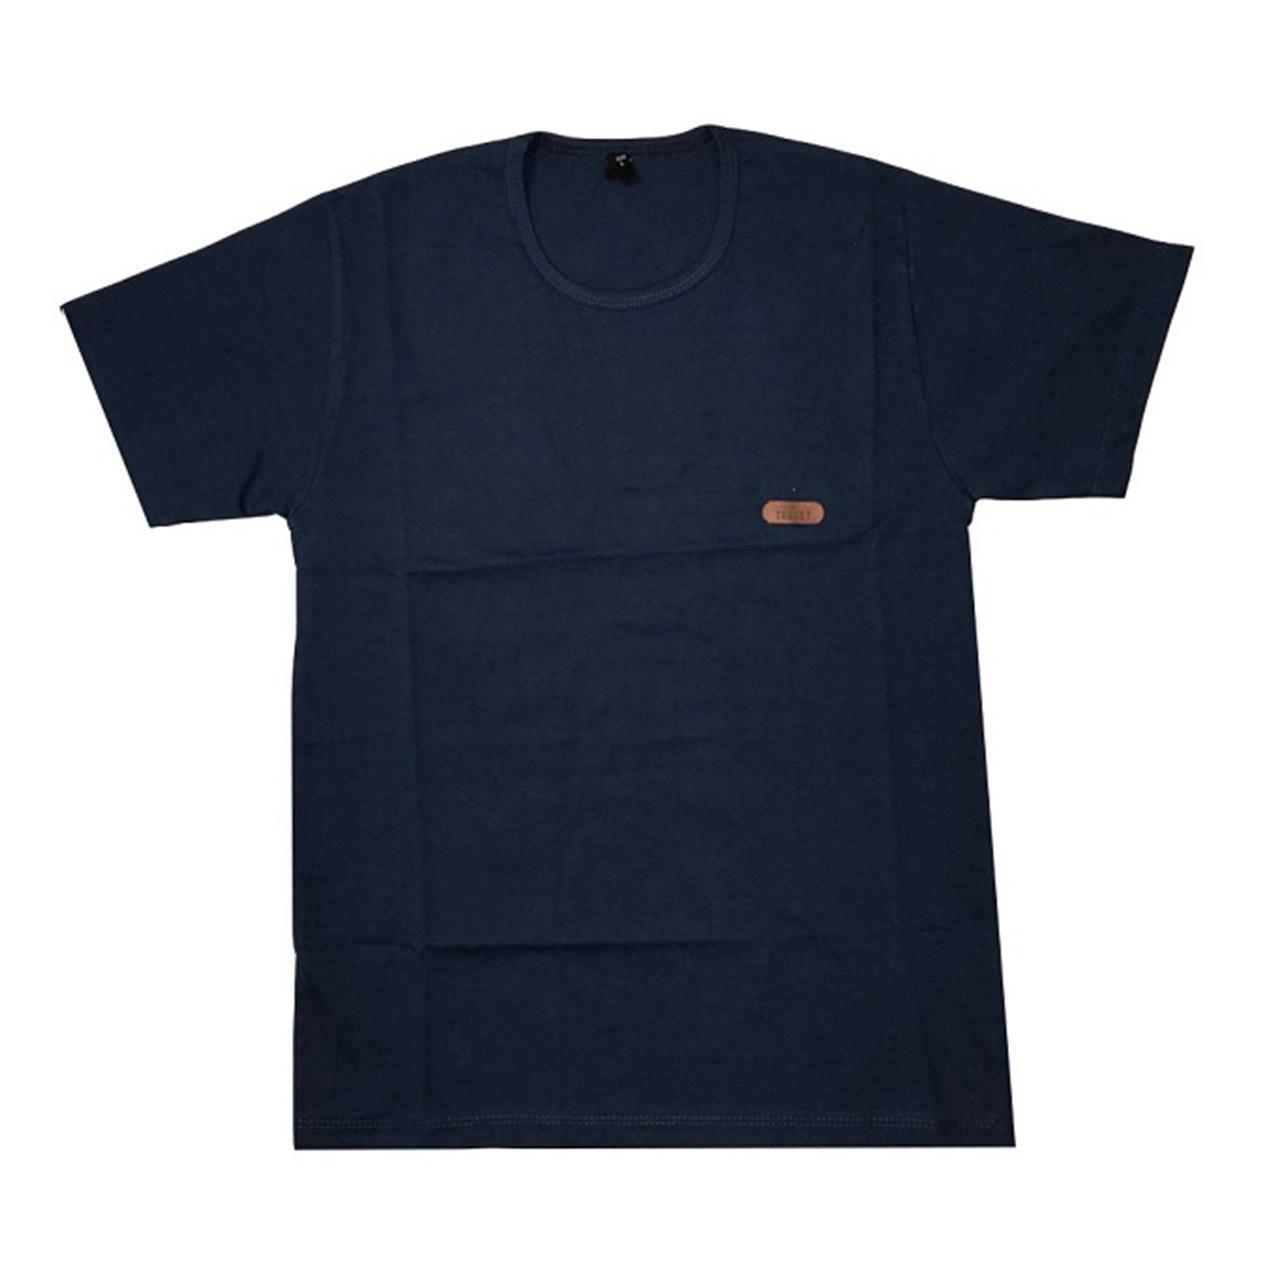 تیشرت آستین کوتاه مردانه تن ست مدل AS750